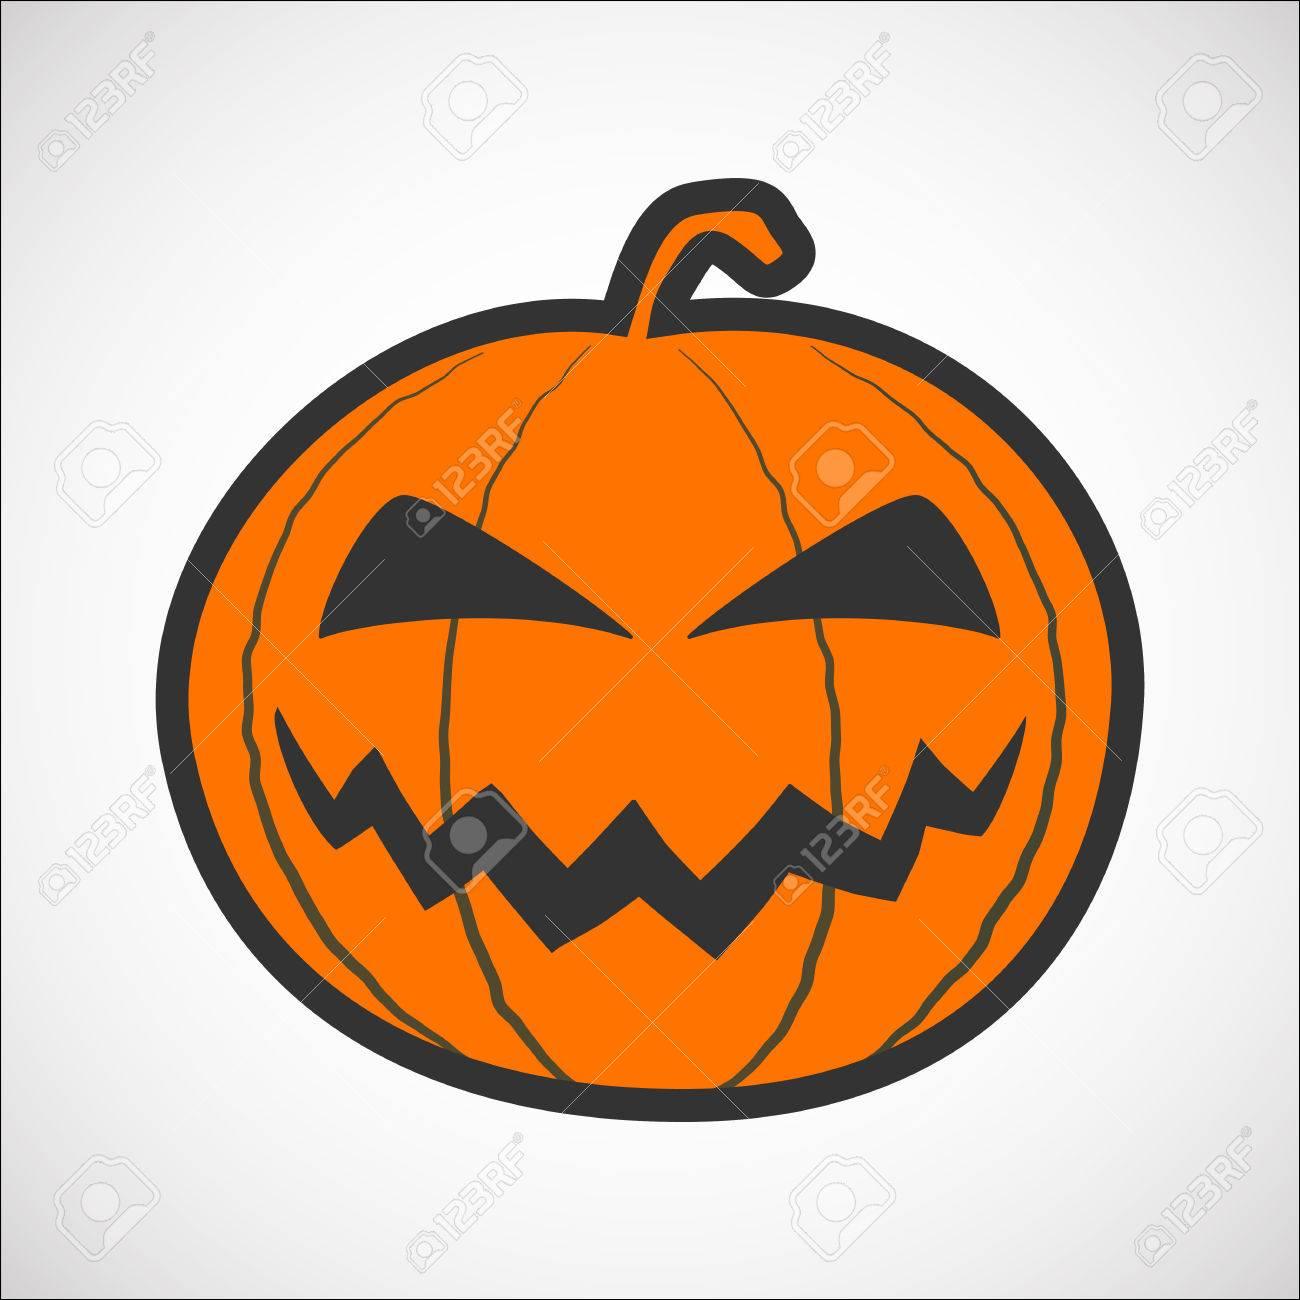 Pompoen Halloween.Halloween Pompoen Kleur Pictogram Pompoen Sticker Voor De Happy Halloween Vakantie Geisoleerde Vector Illustrationon Op Witte Achtergrond